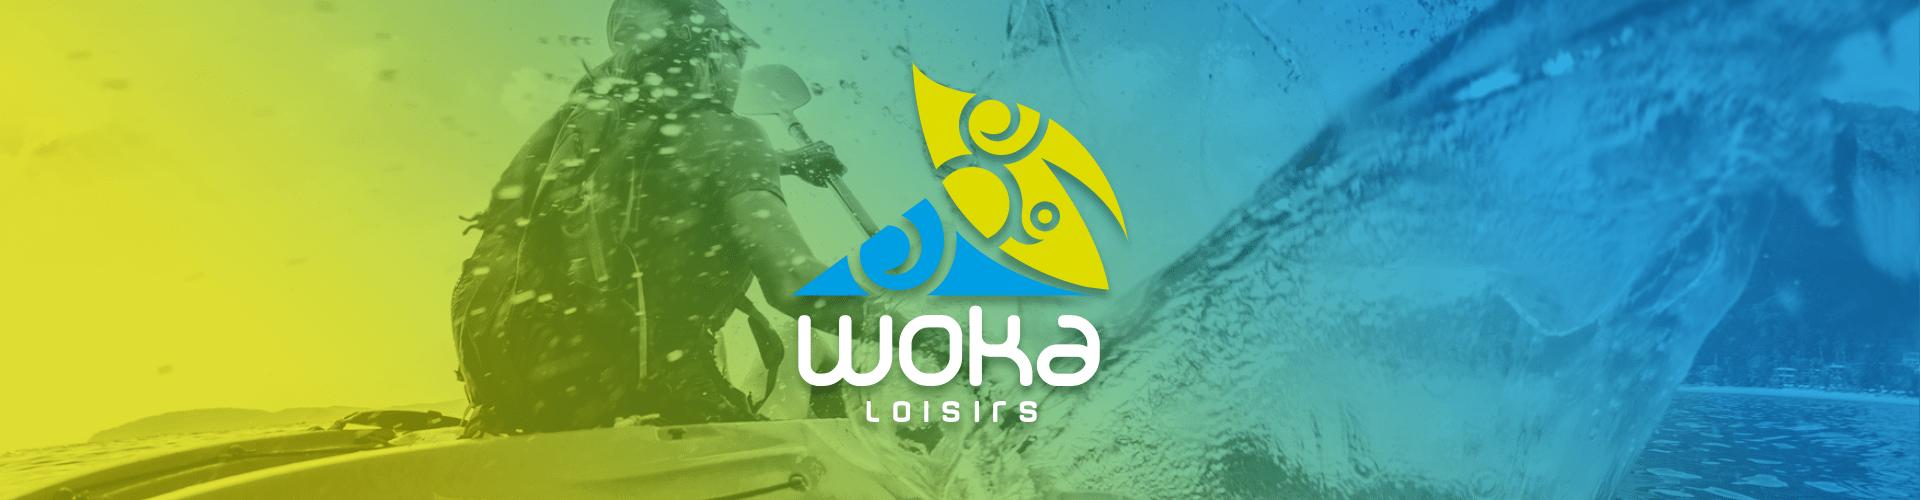 Woka loisirs - Activités > Accueil Scolaire